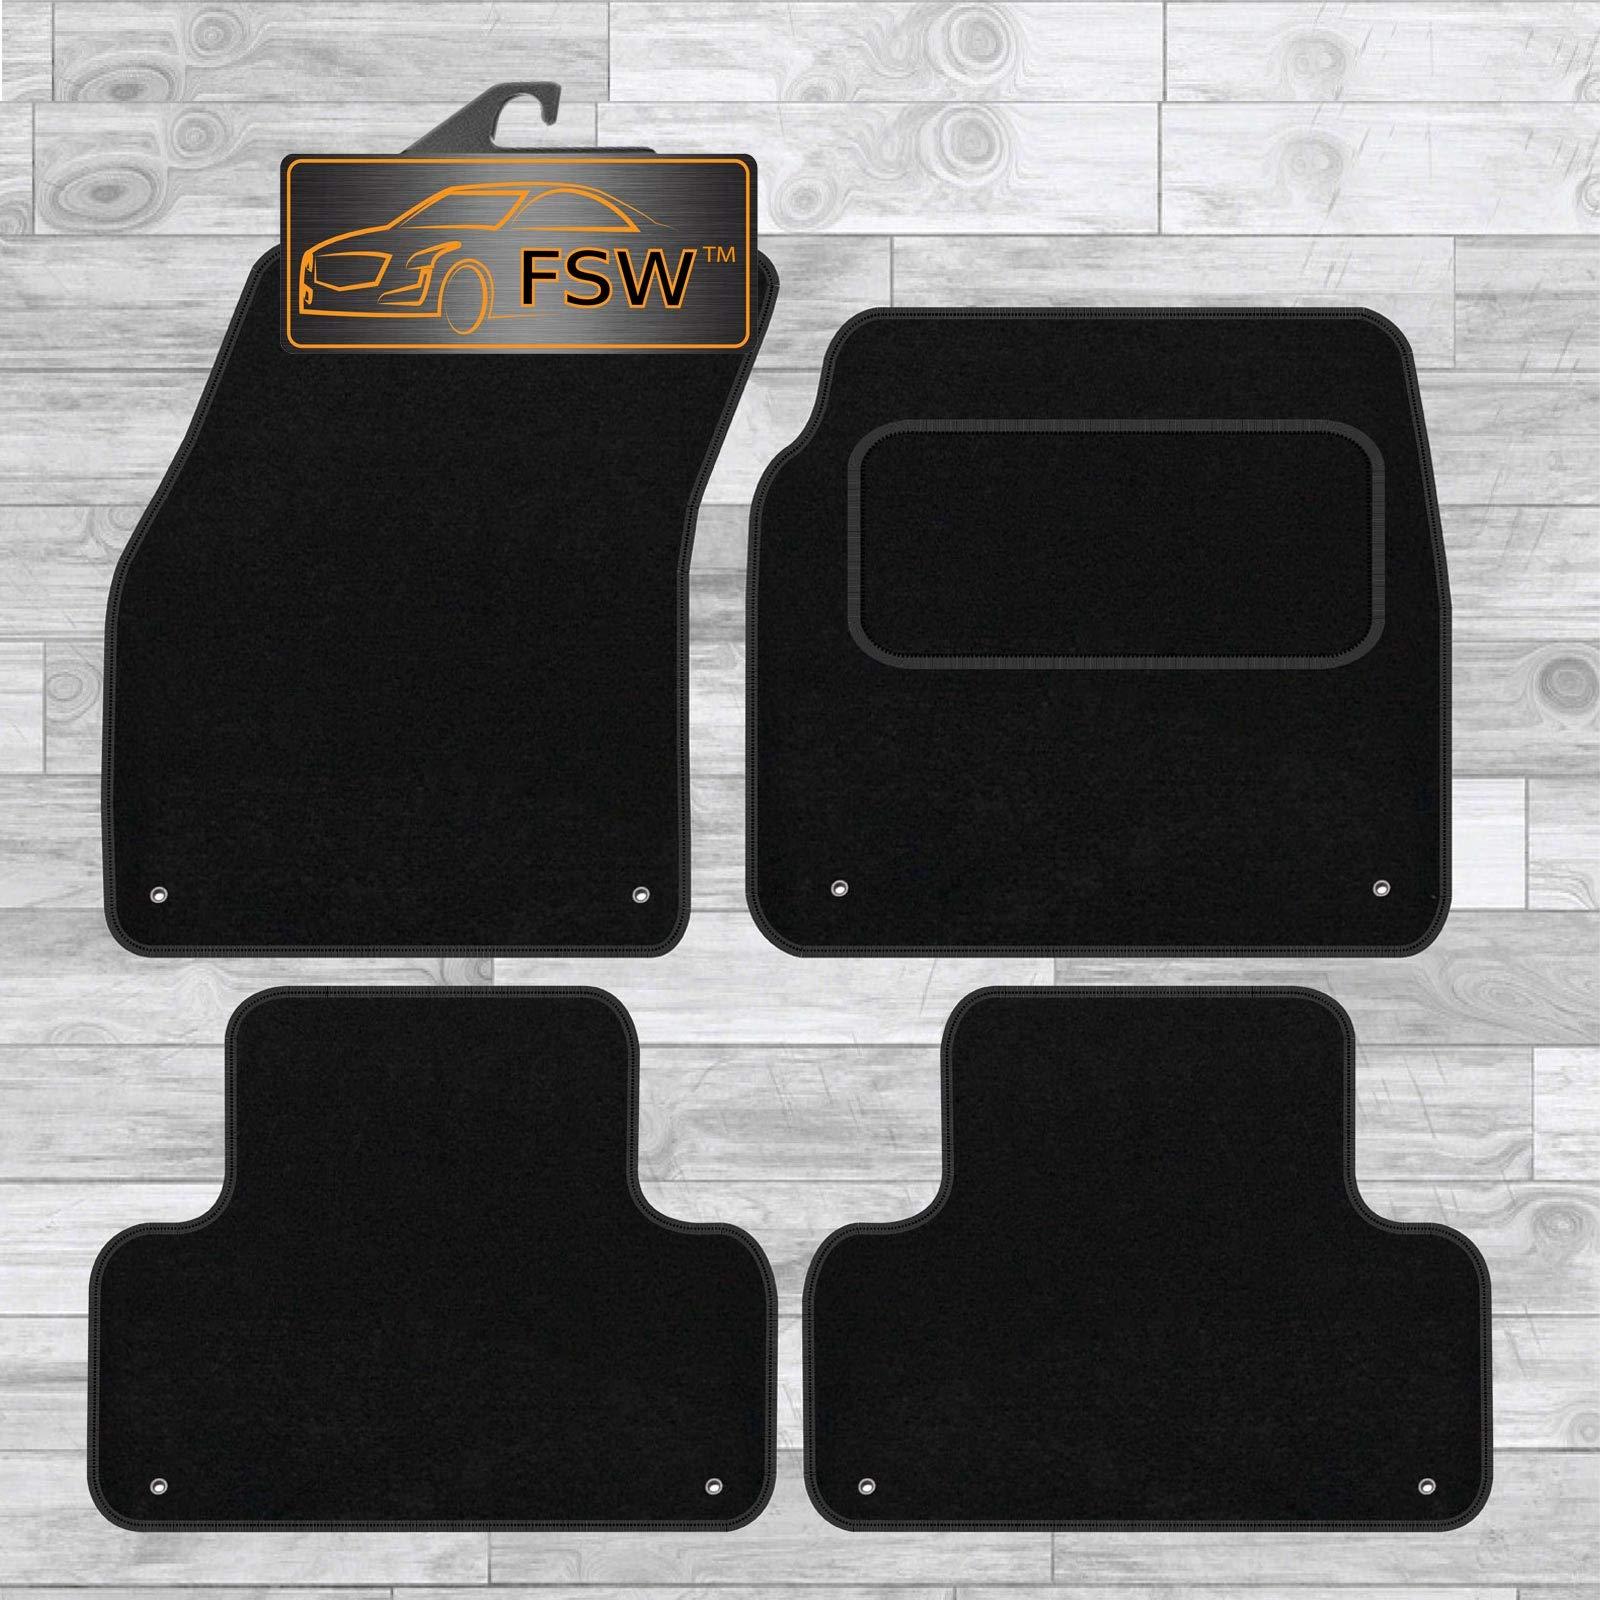 FSW Evoque 11-13 Tailored Carpet Car Floor Mats Black